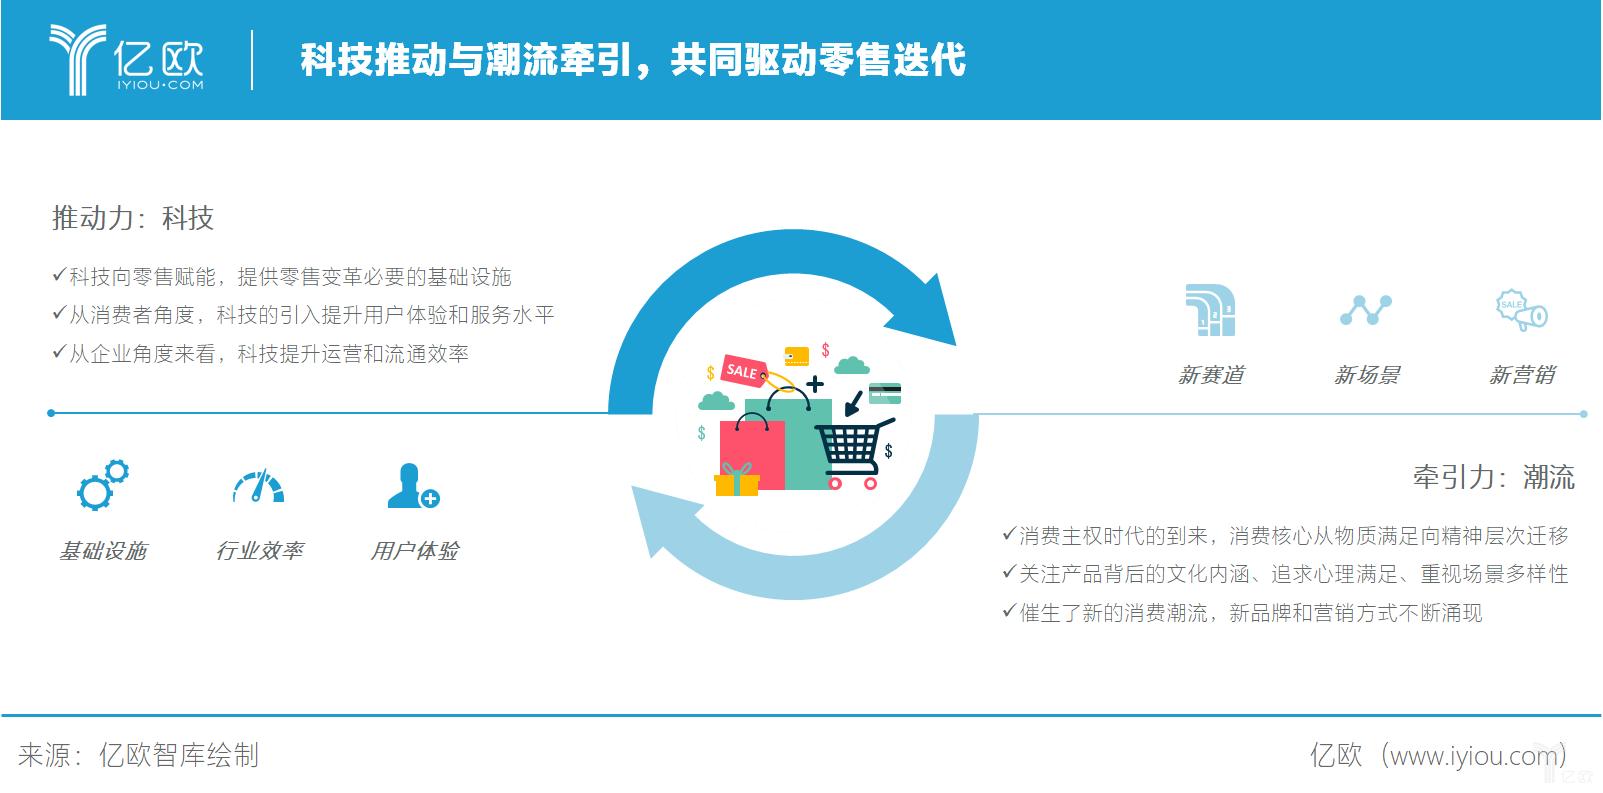 亿欧智库:科技推动与潮流牵引共同驱动零售迭代